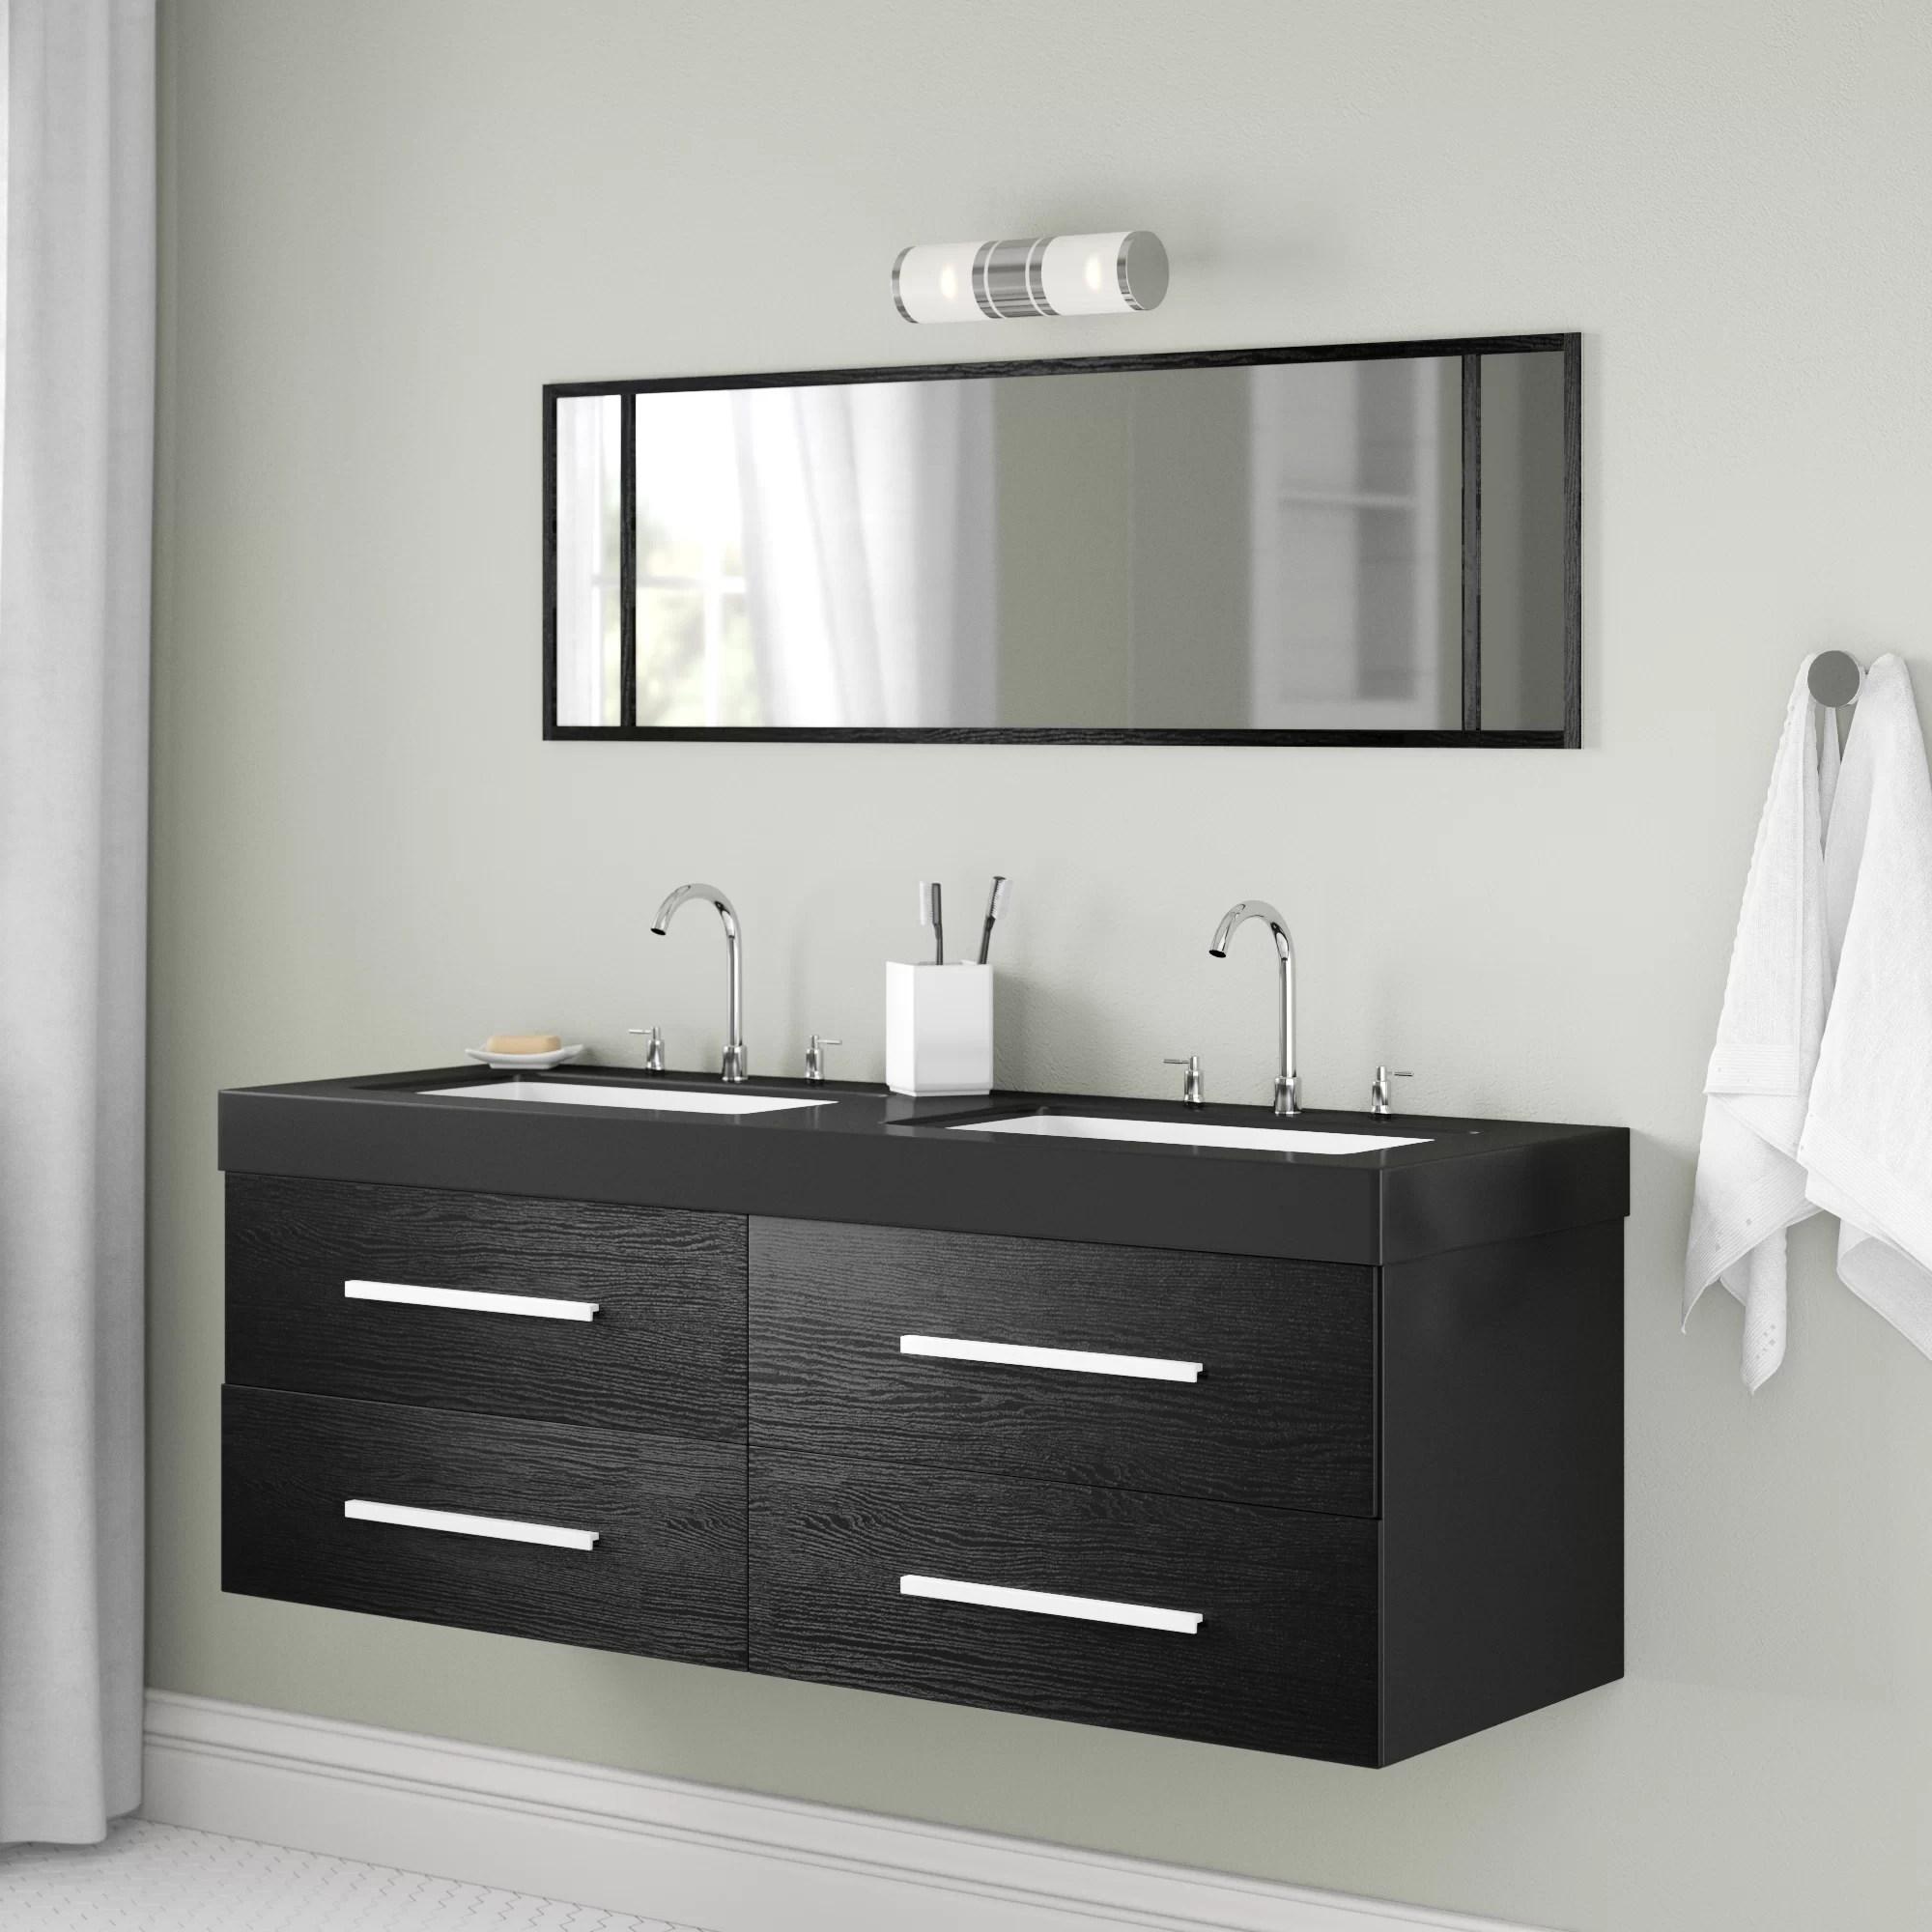 Ebern Designs 140cm Wall Mounted Double Sink Vanity Unit Wayfair Co Uk